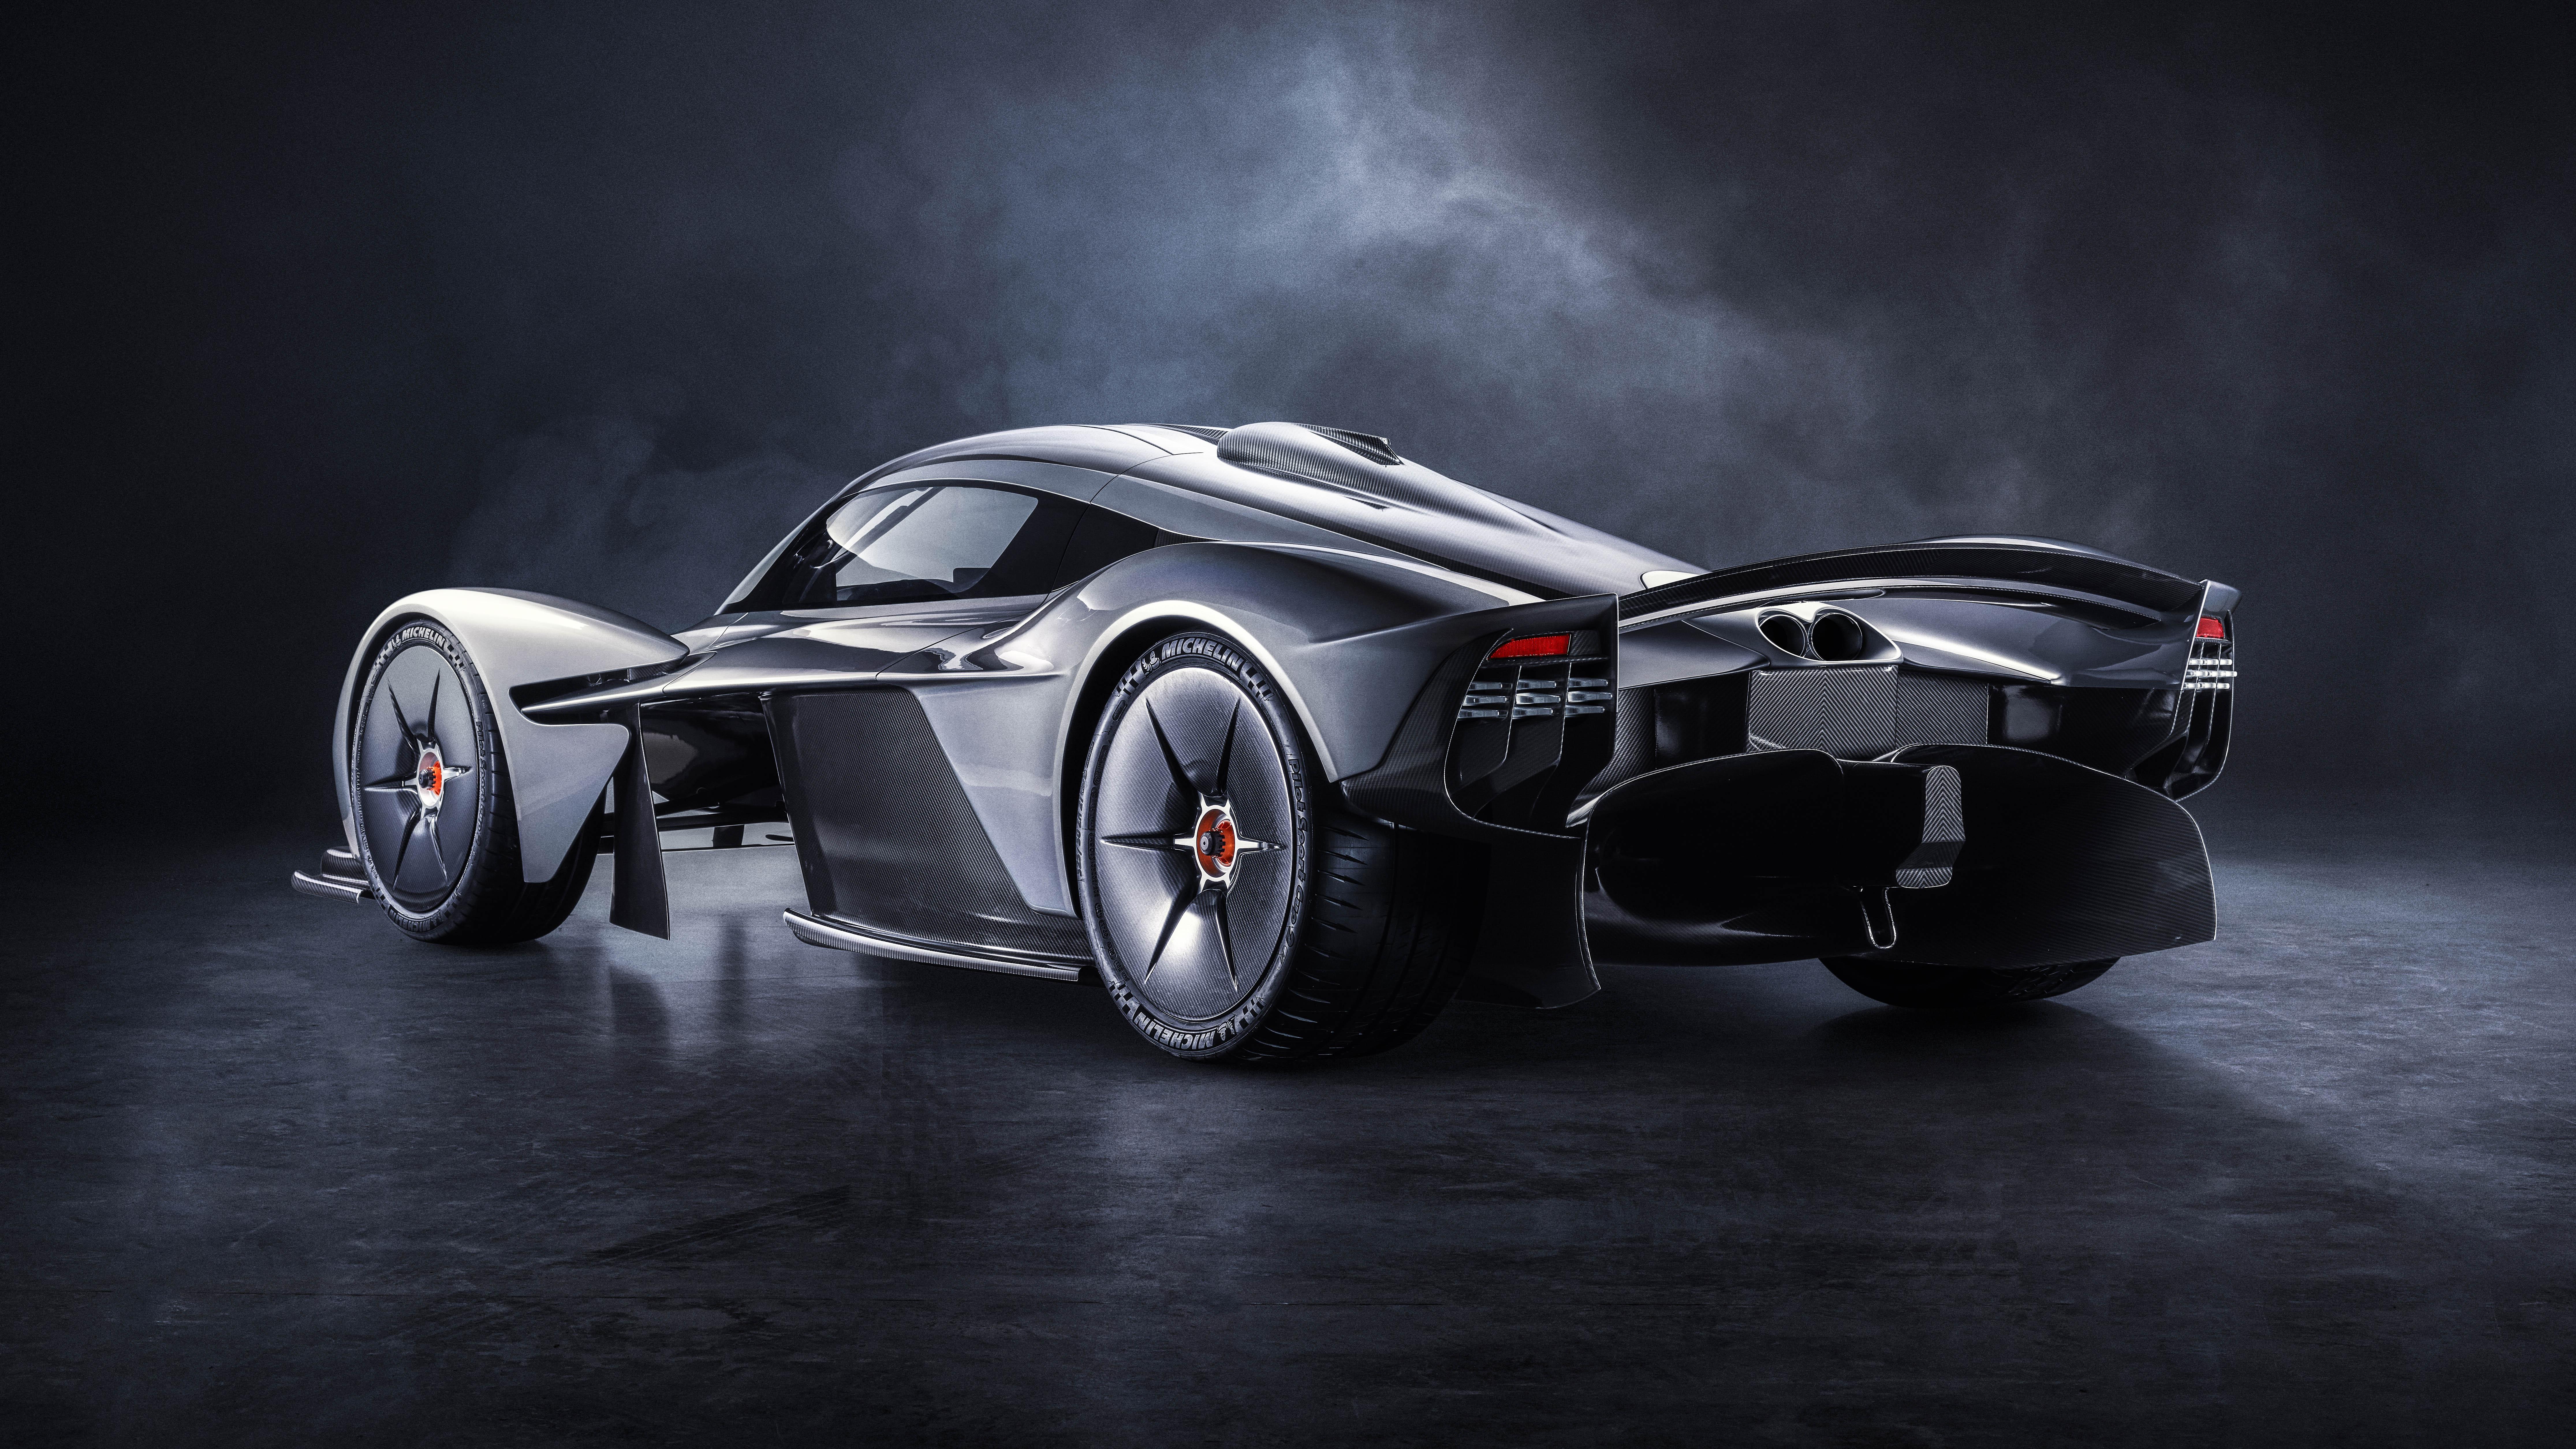 Aston Martin Valkyrie rear quarter